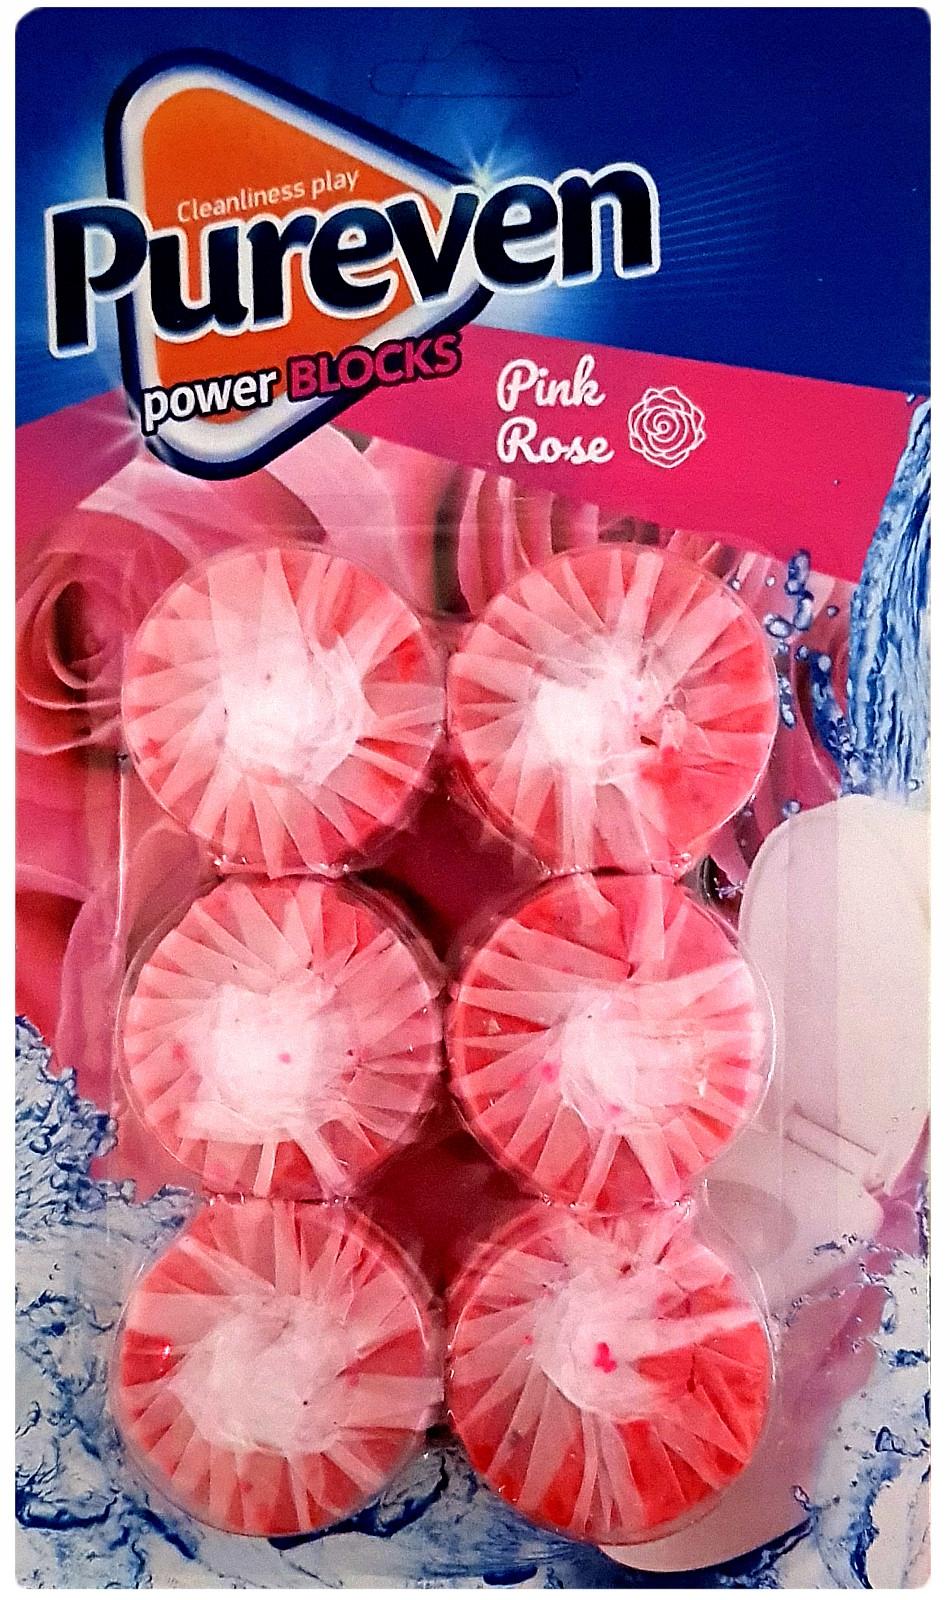 Pureven Pink Rose Кубов, Красящие Воду в ТУАЛЕТ 6шт